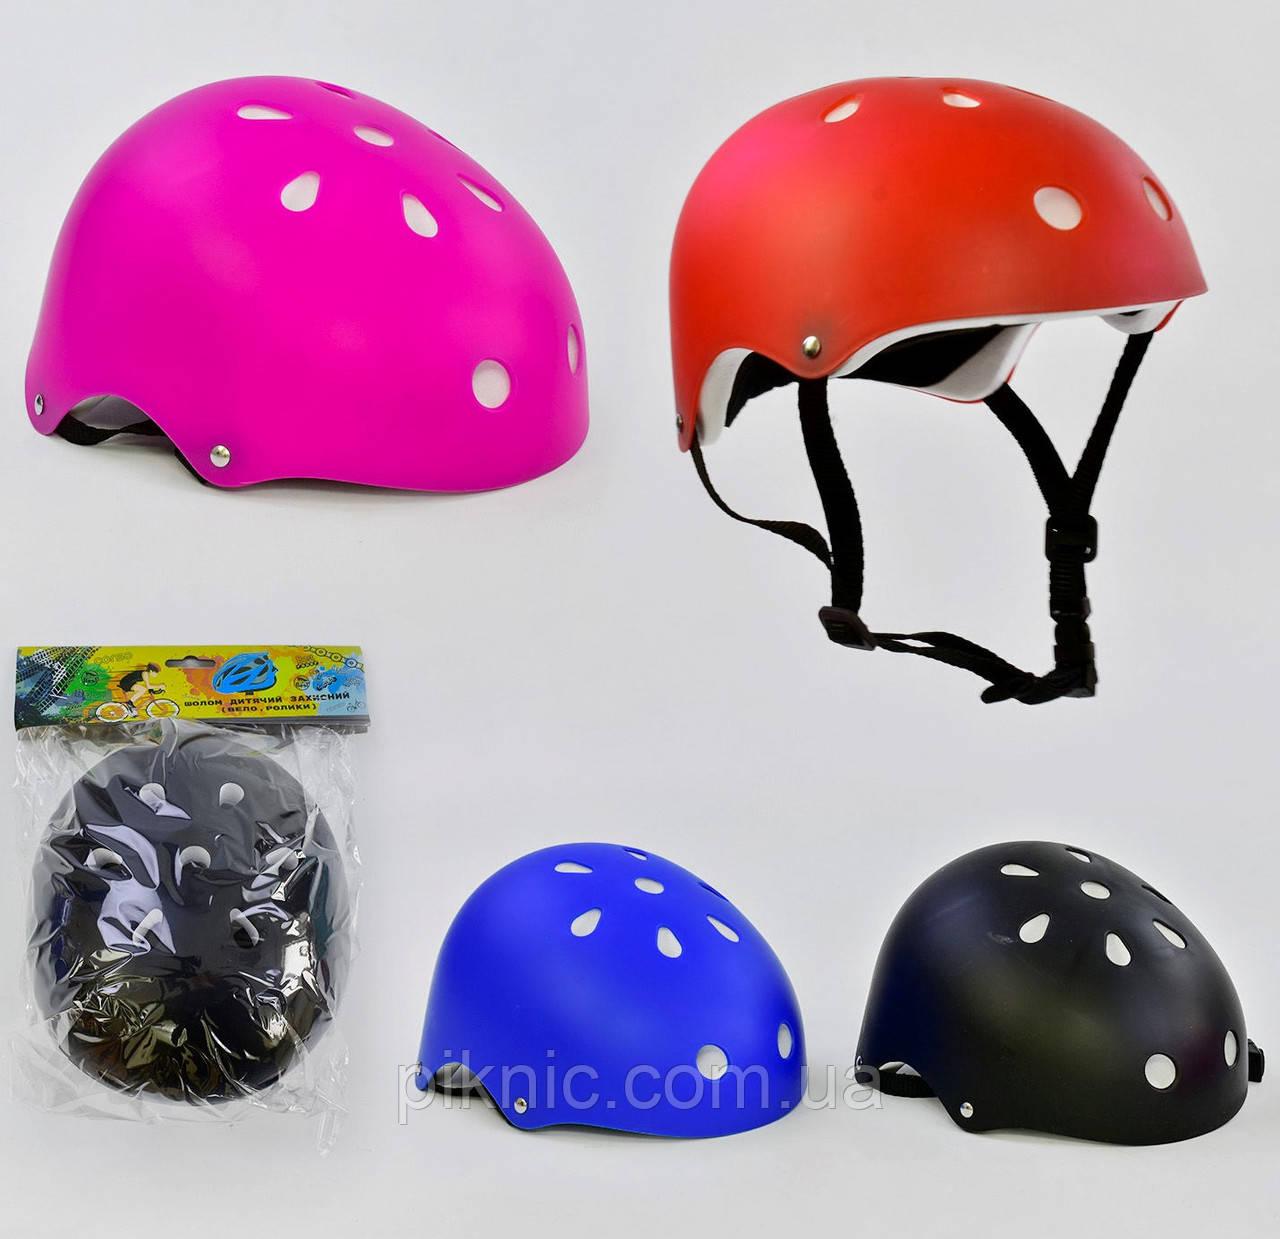 Защитный шлем для девочек Панда РОЗОВЫЙ(при катании на роликах, скейтах, самокатах)